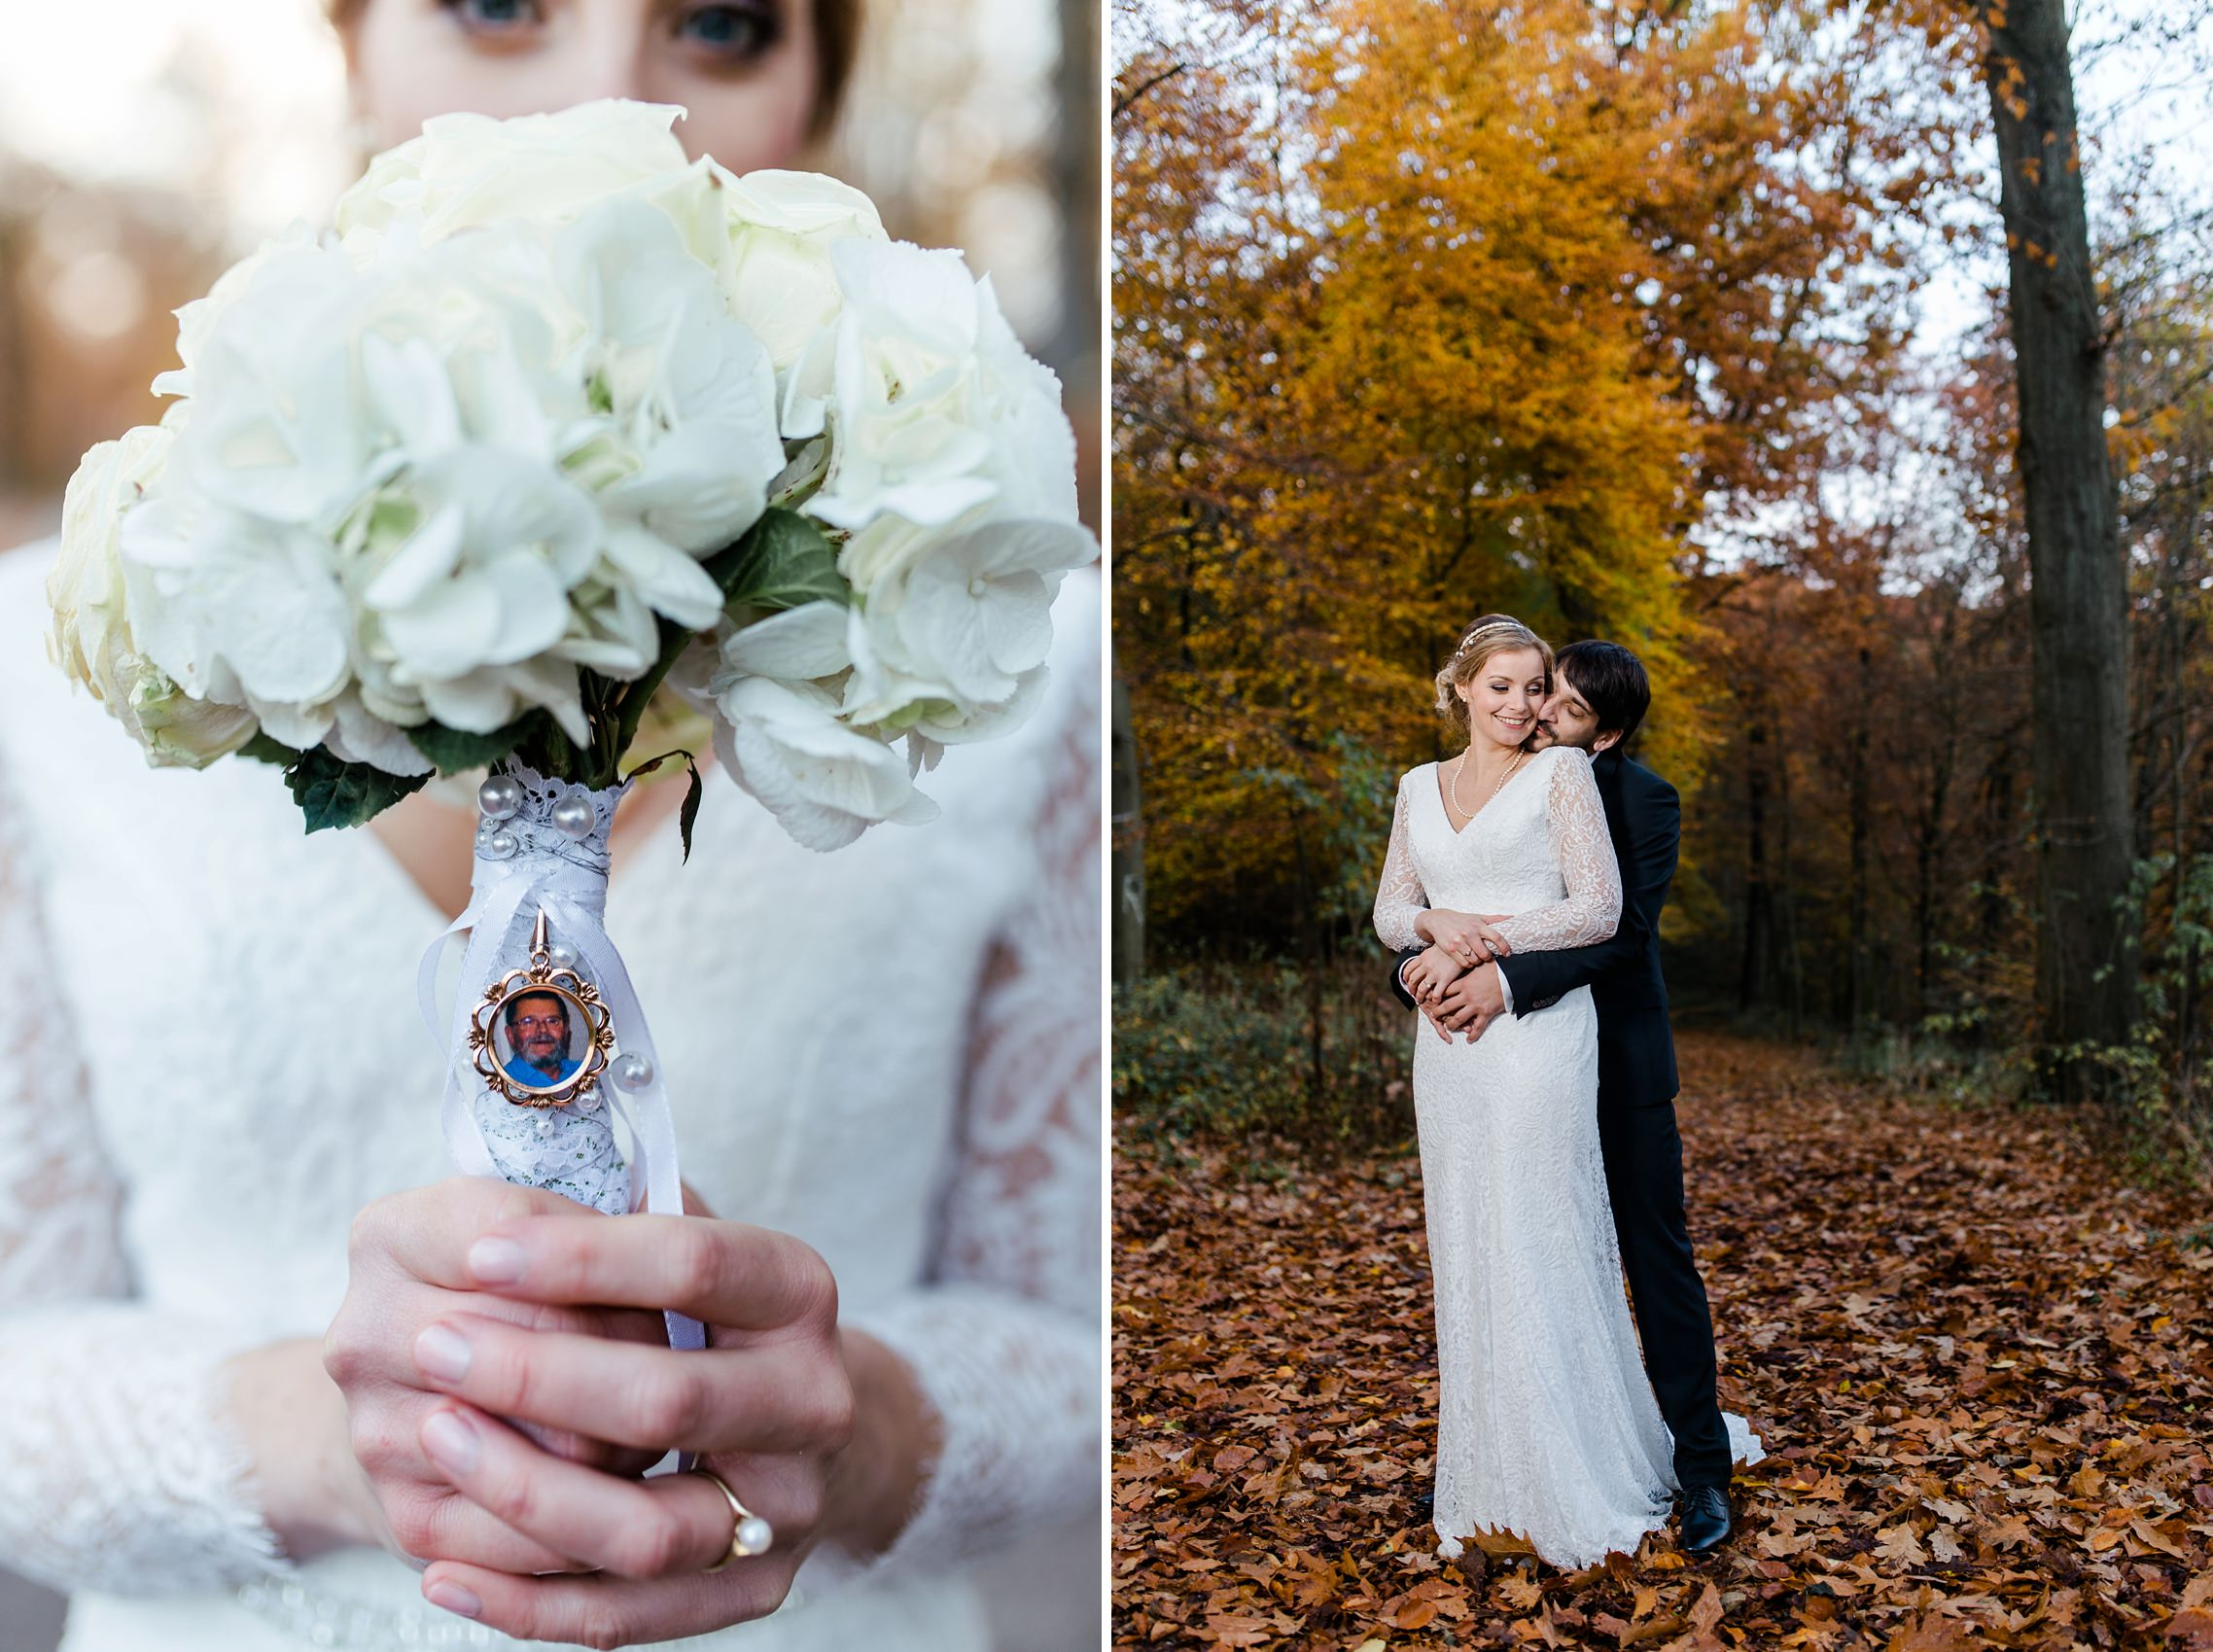 Der Vater der Braut, welcher die Hochzeit leider nicht mehr miterleben konnte, ist den ganzen Tag in der Nähe in Form eines kleinen Bildes am Brautstrauss